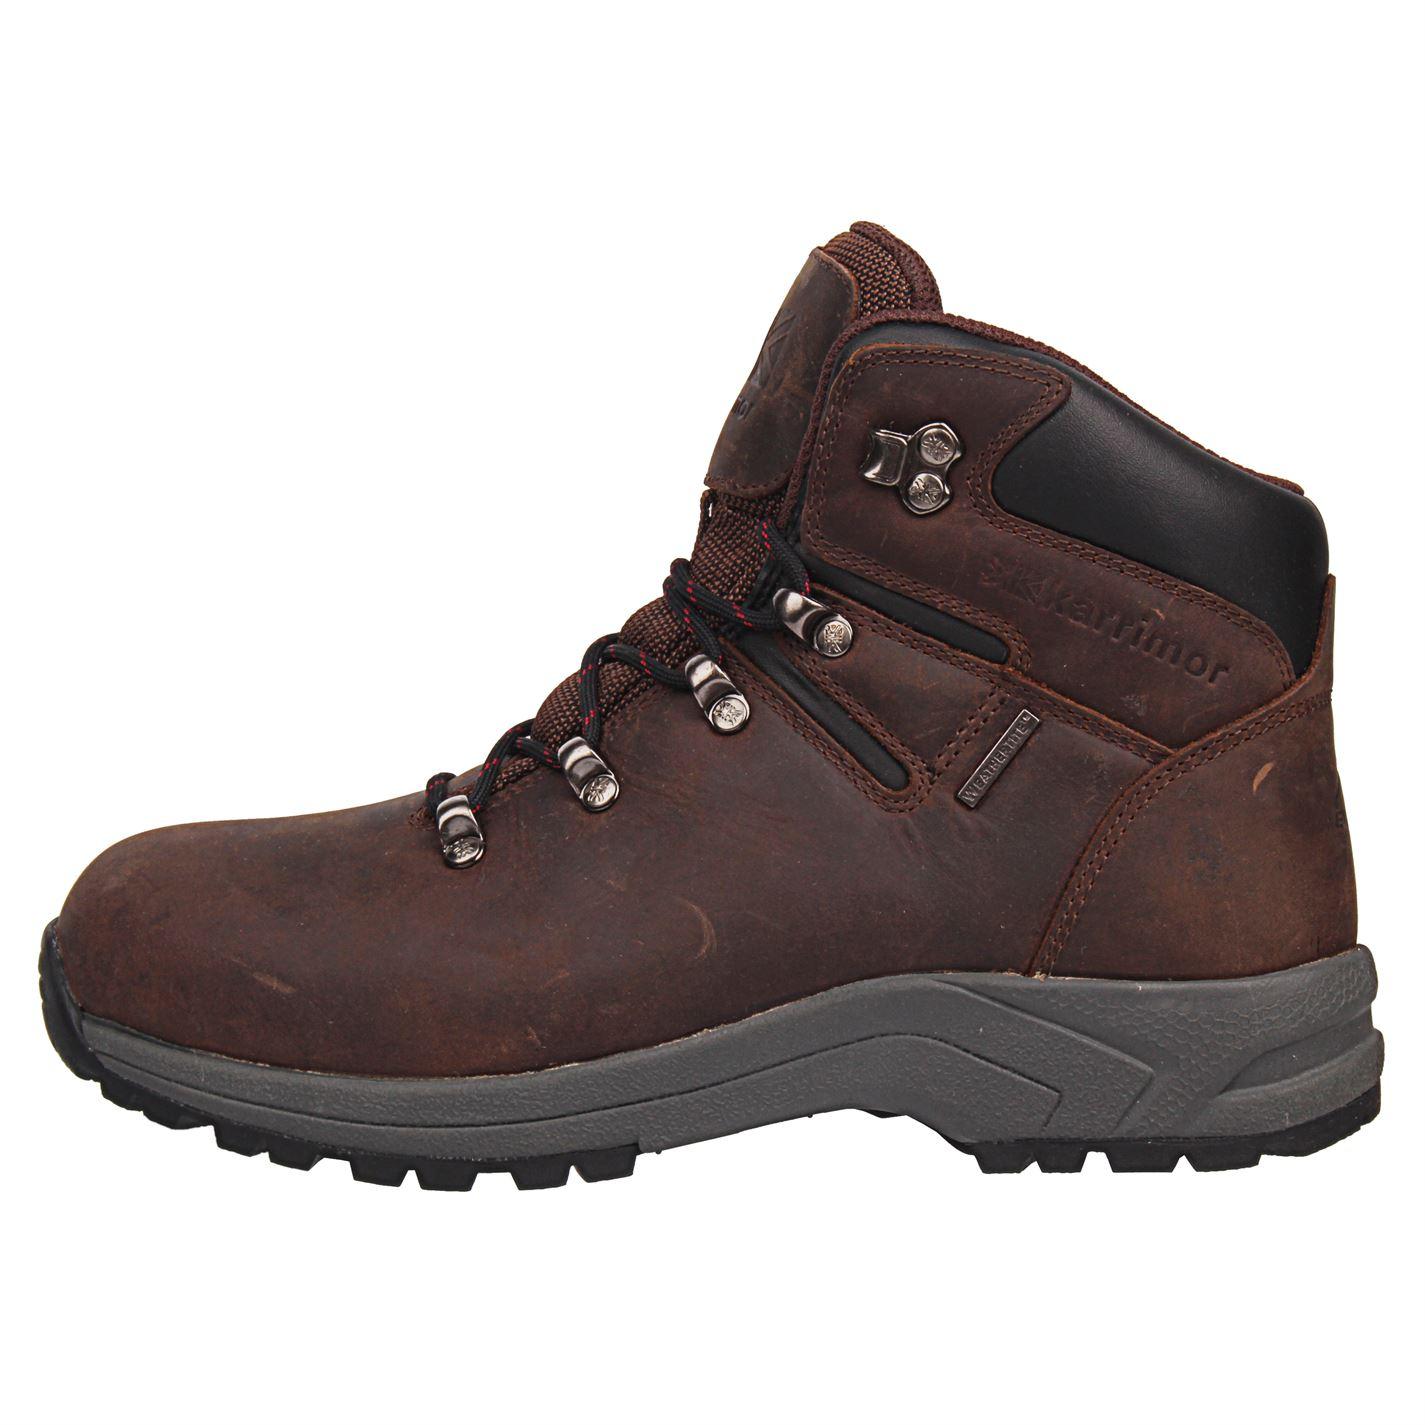 Karrimor Blencathra Junior Walking Boots